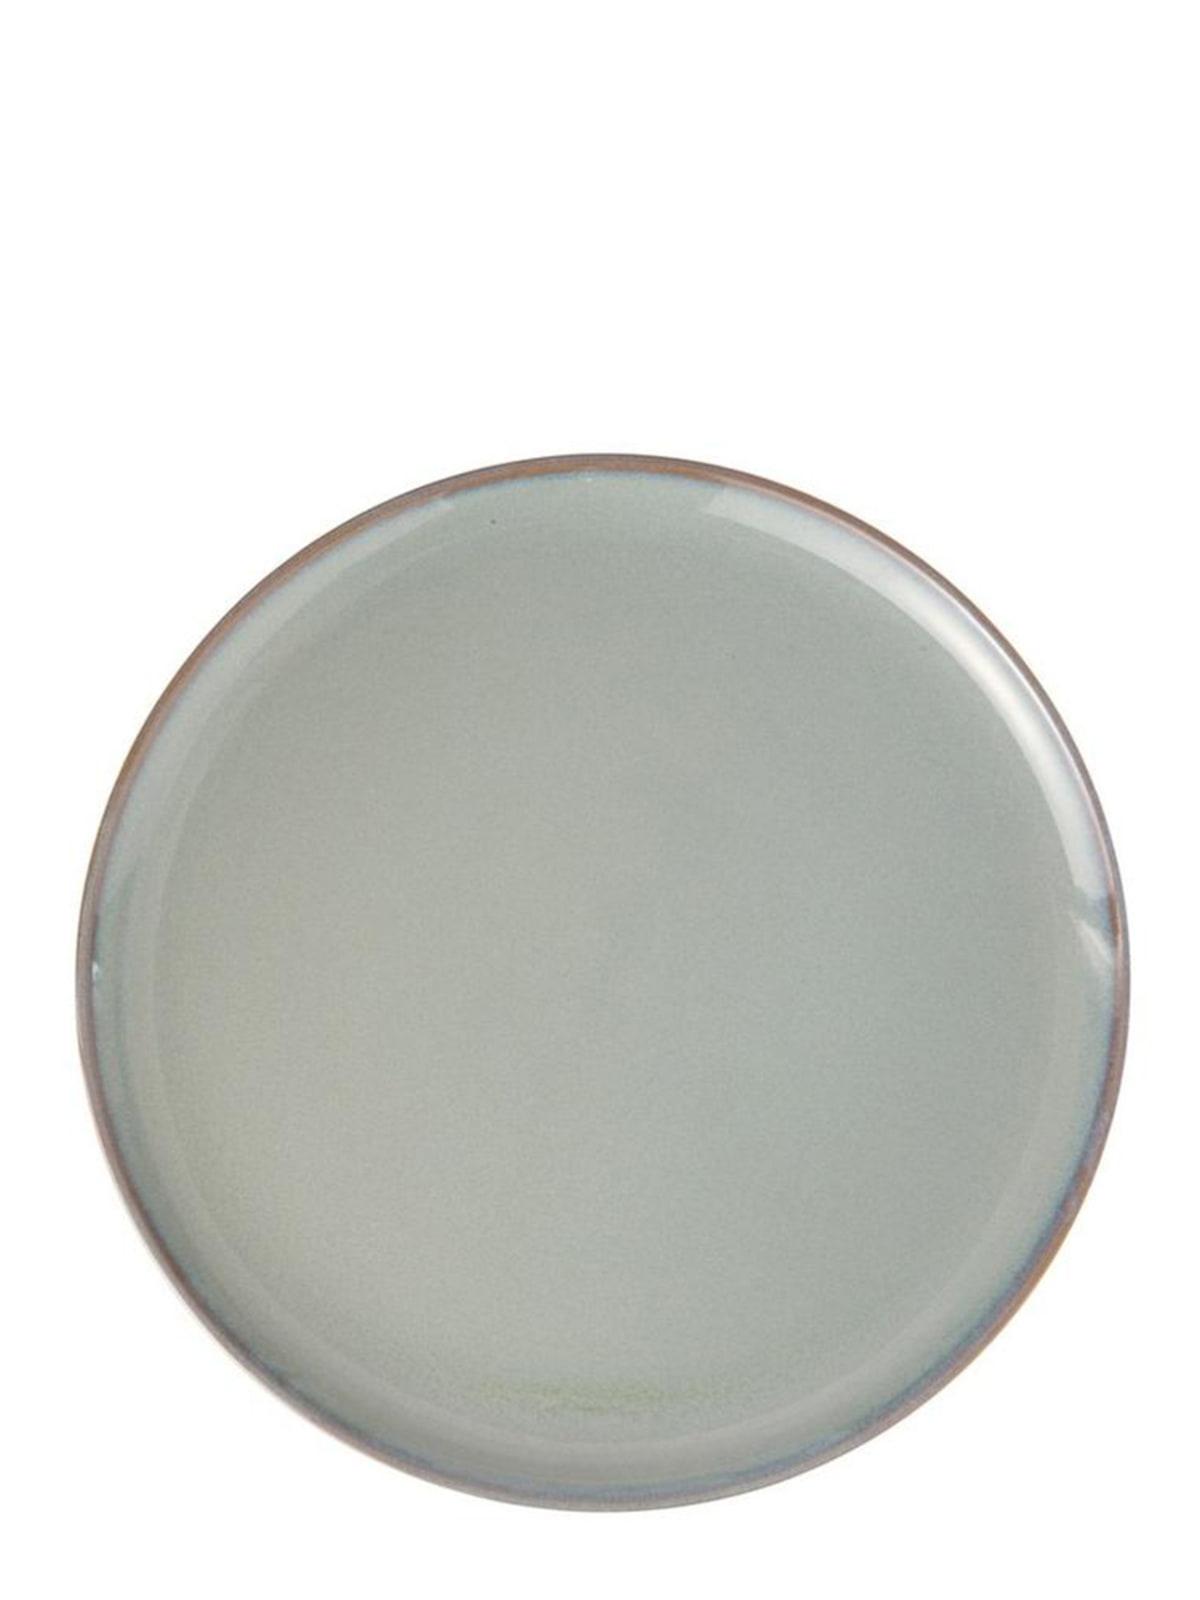 Cloudberry Living Neu Plate